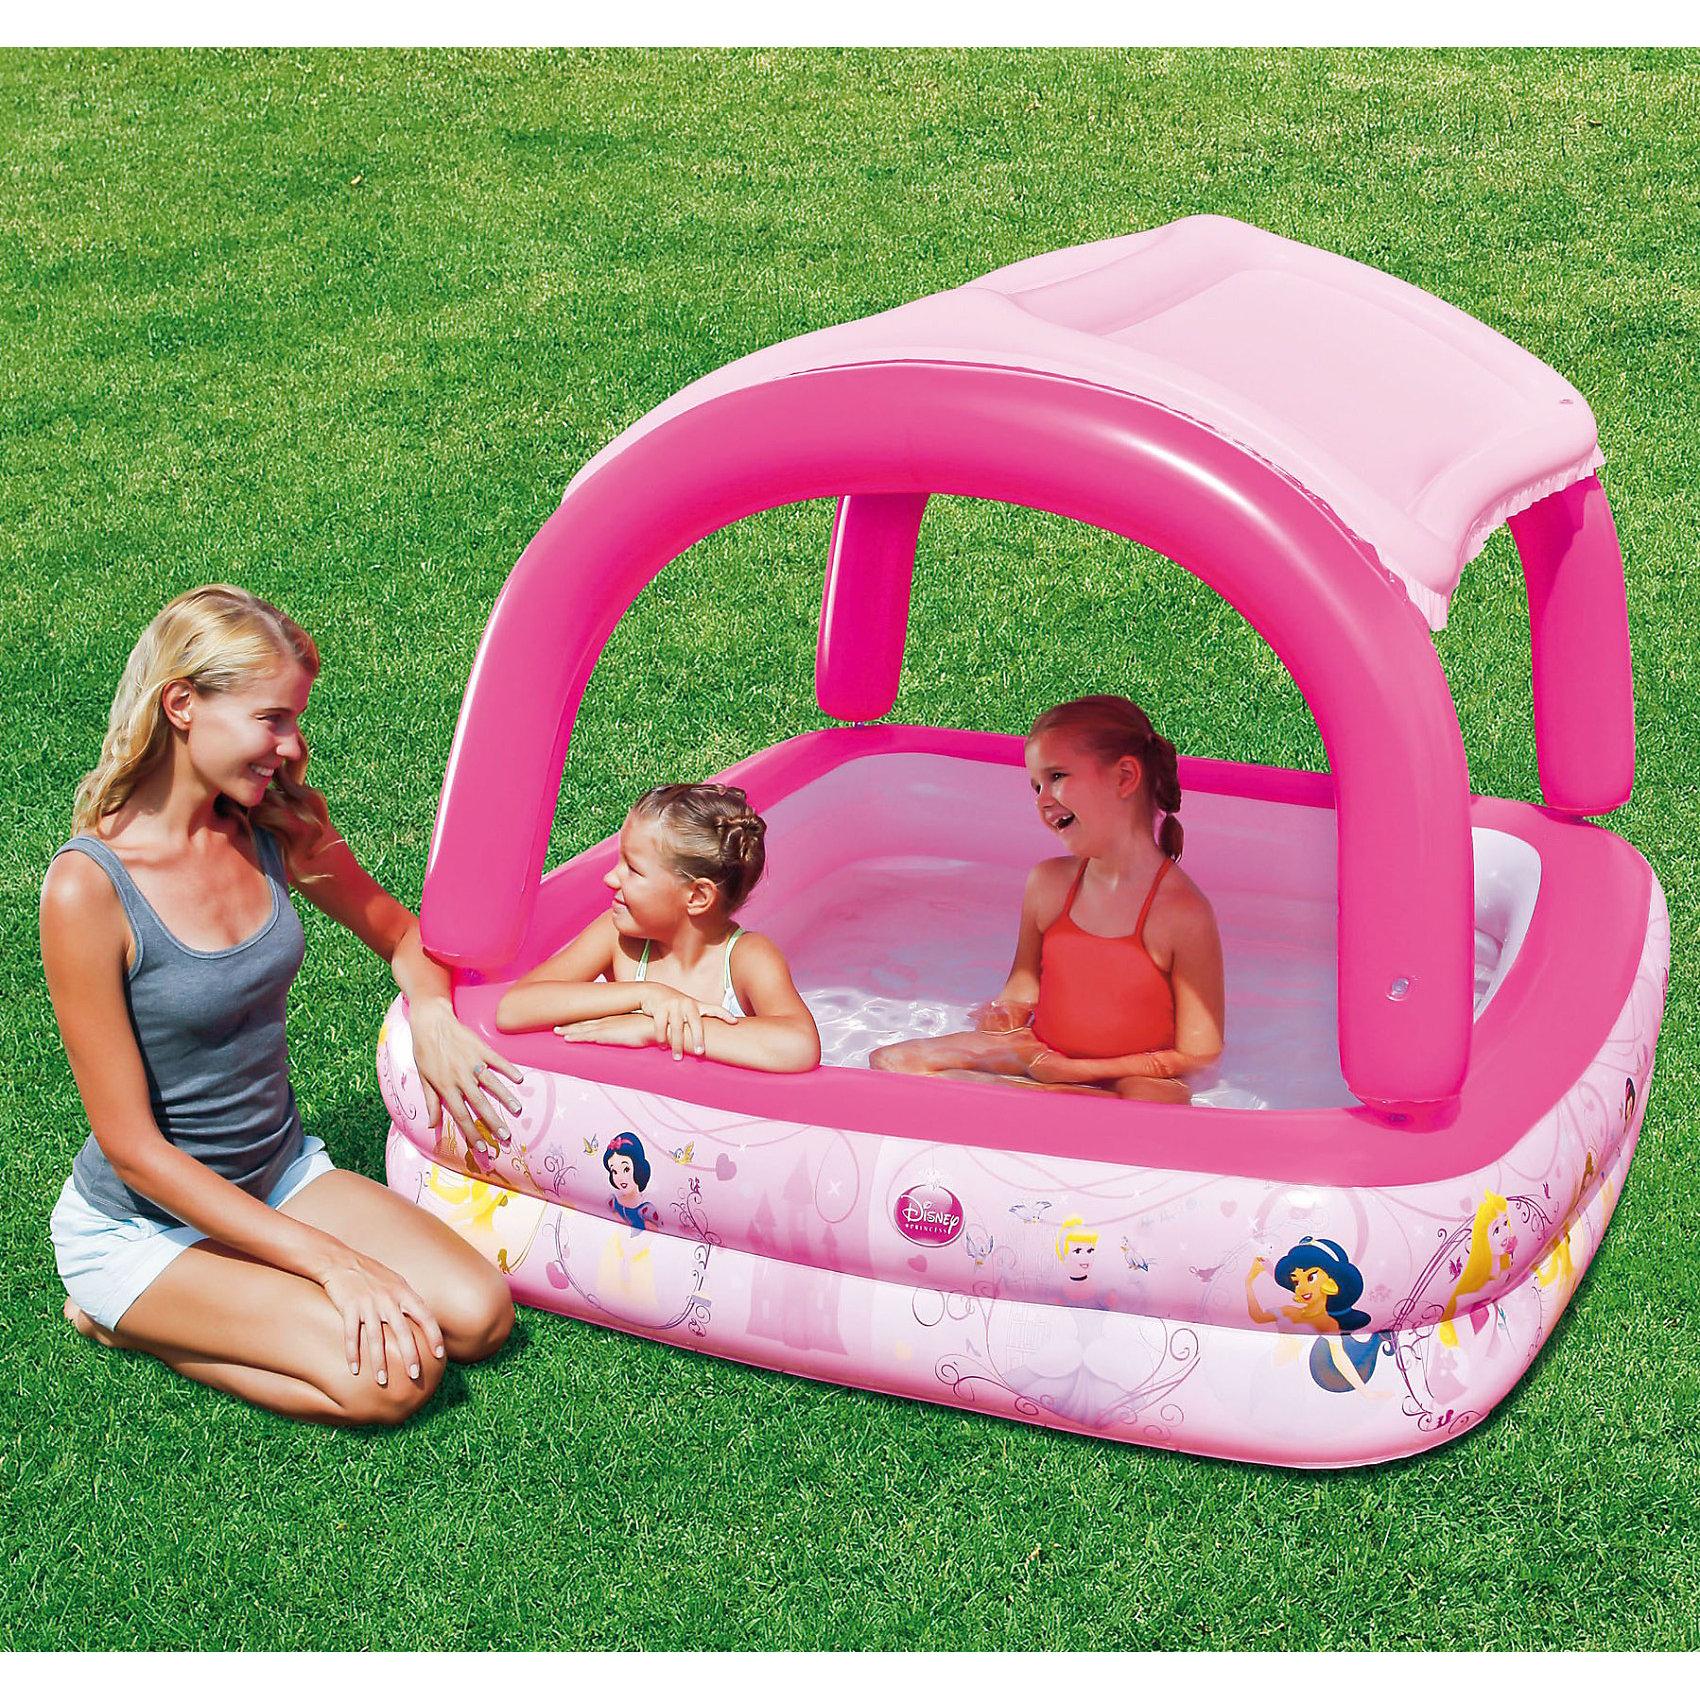 Bestway Надувной бассейн с тентом от солнца, Принцессы Дисней bestway надувной пляжный матрас 119х61см принцессы дисней